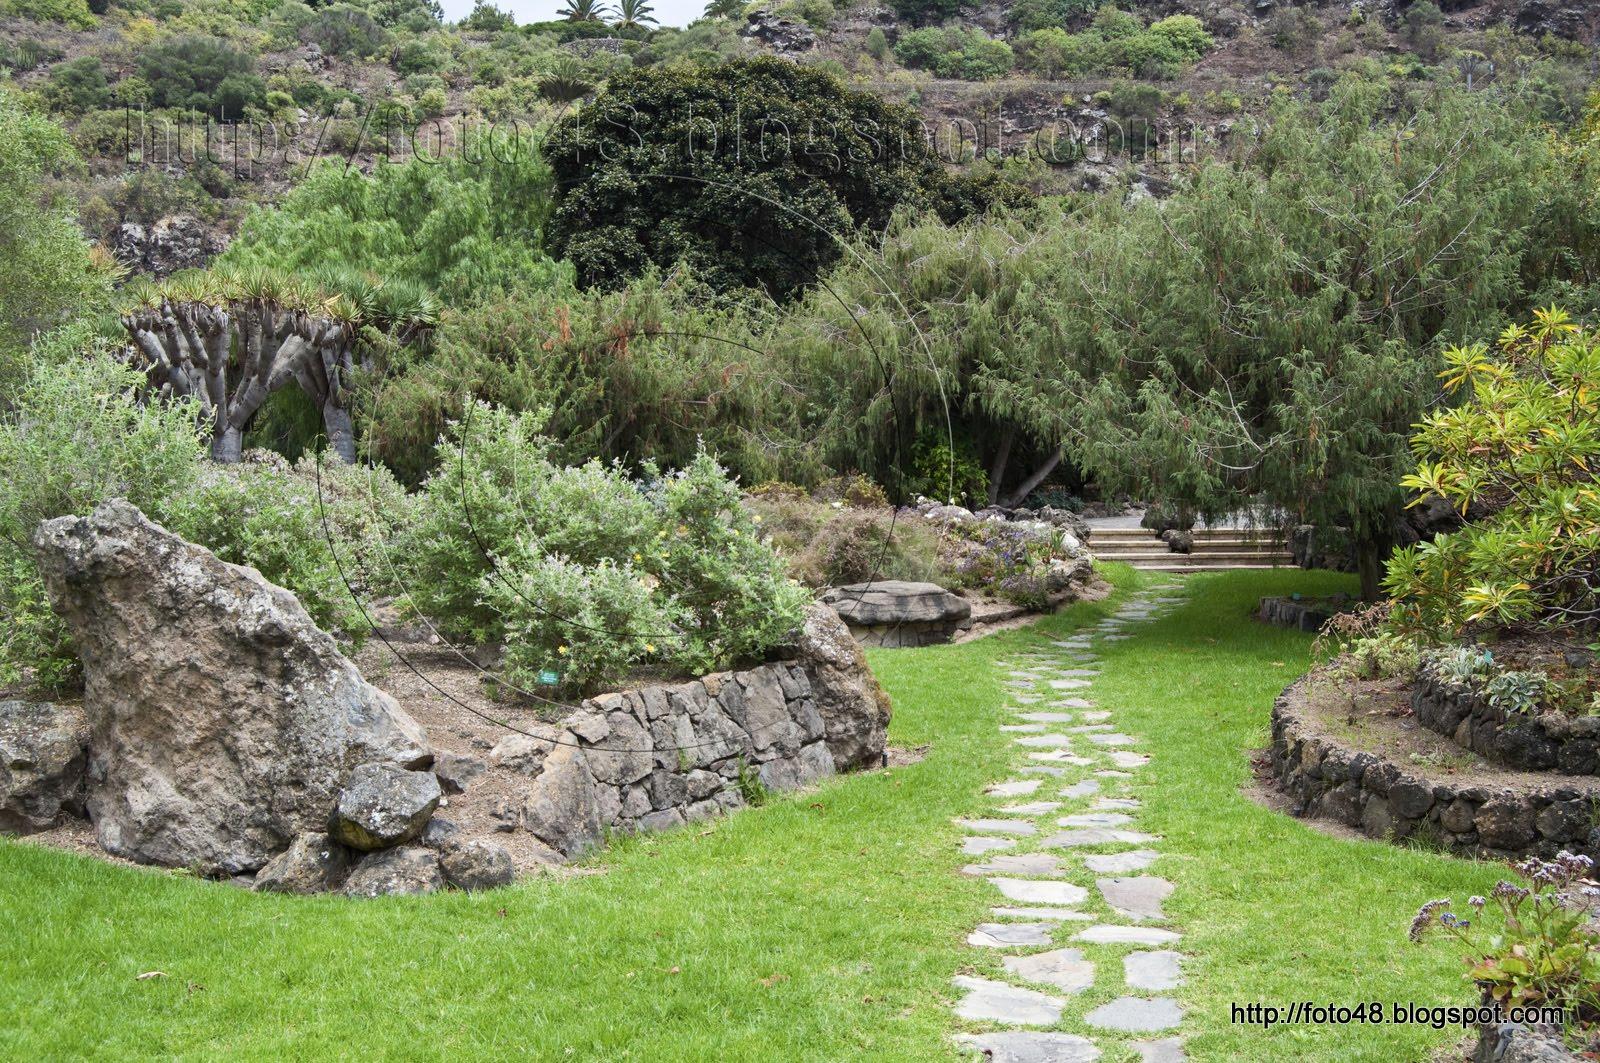 Foto48 foto jard n canario for Jardin canario